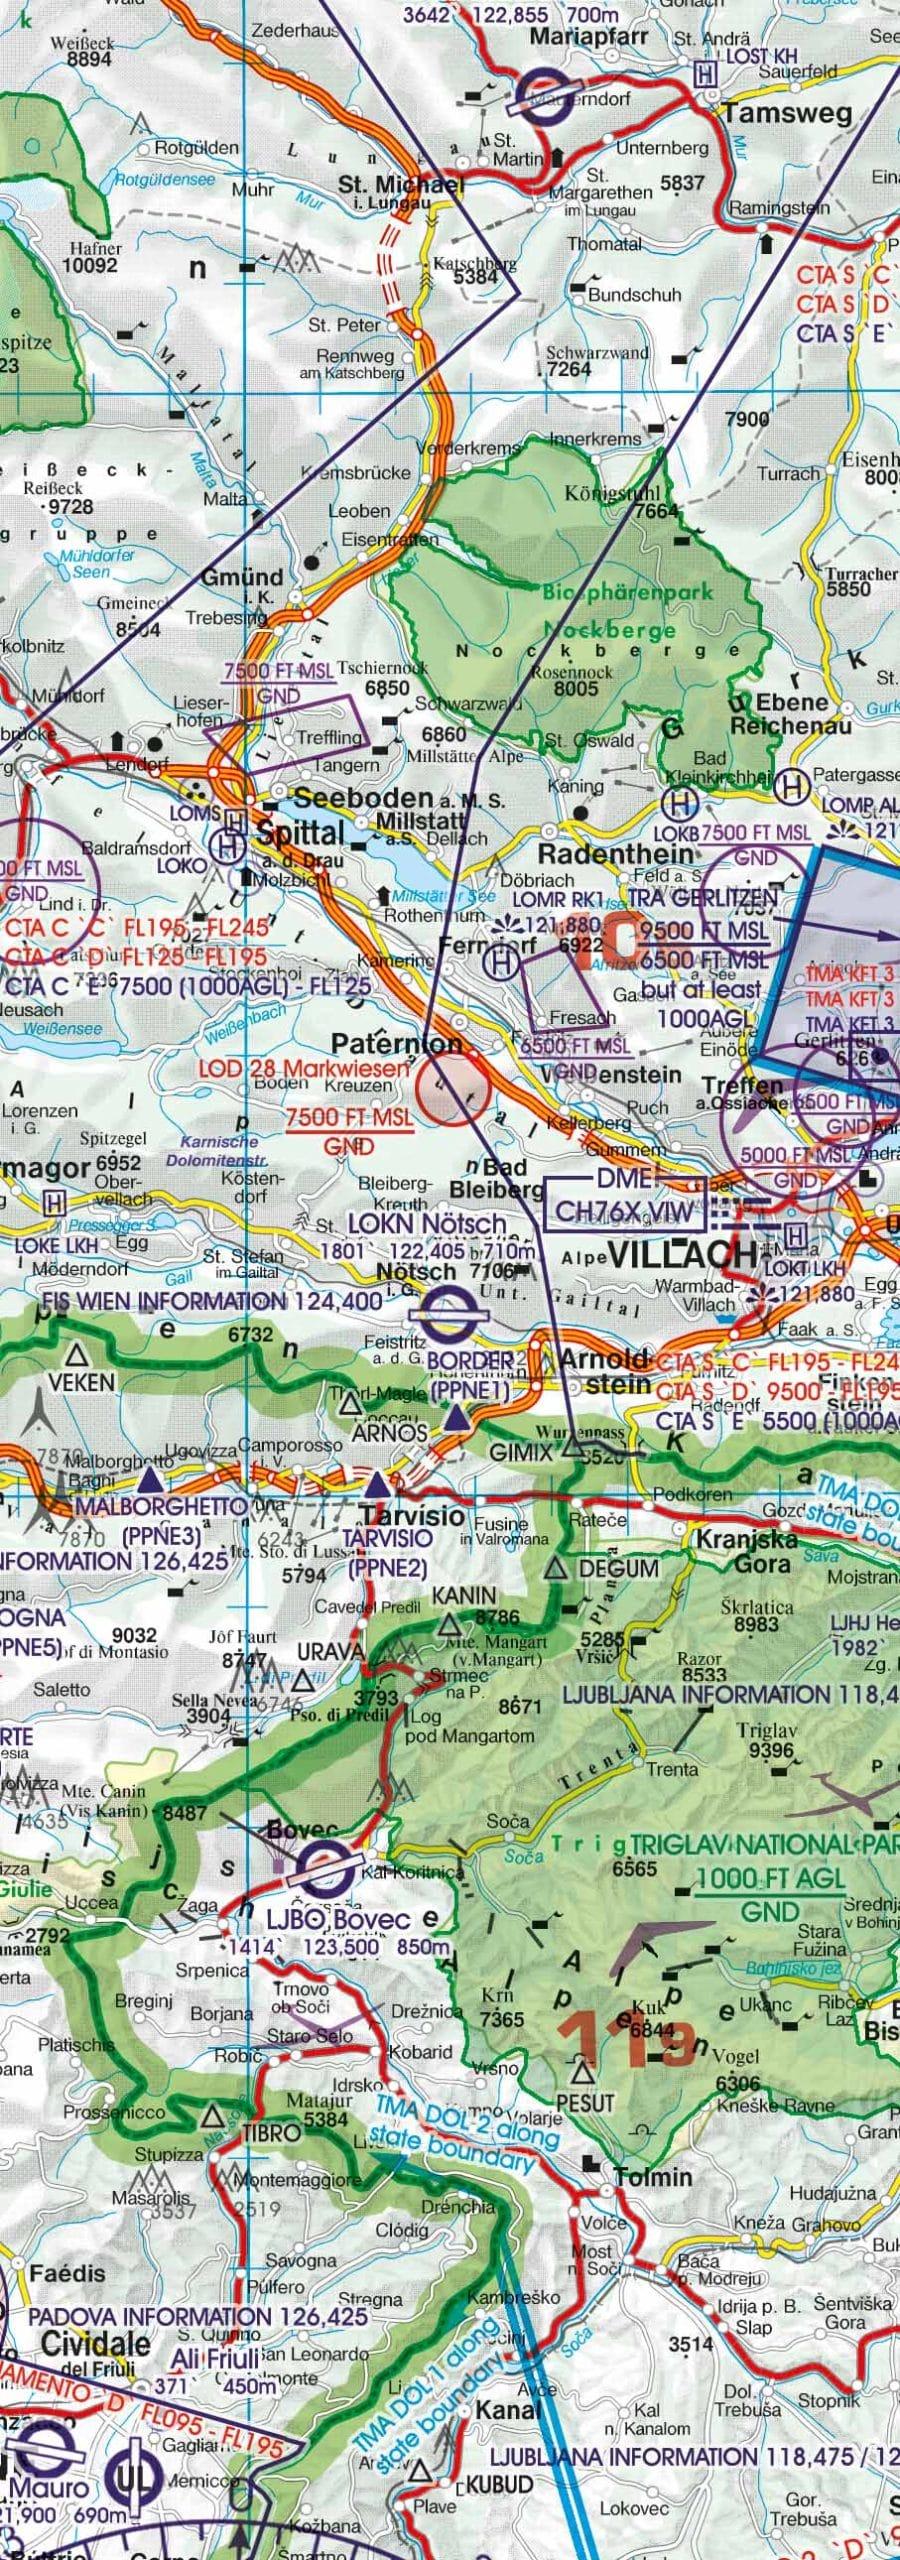 Nationalparks und Naturschutzgebeite Österreich ICAO Karte